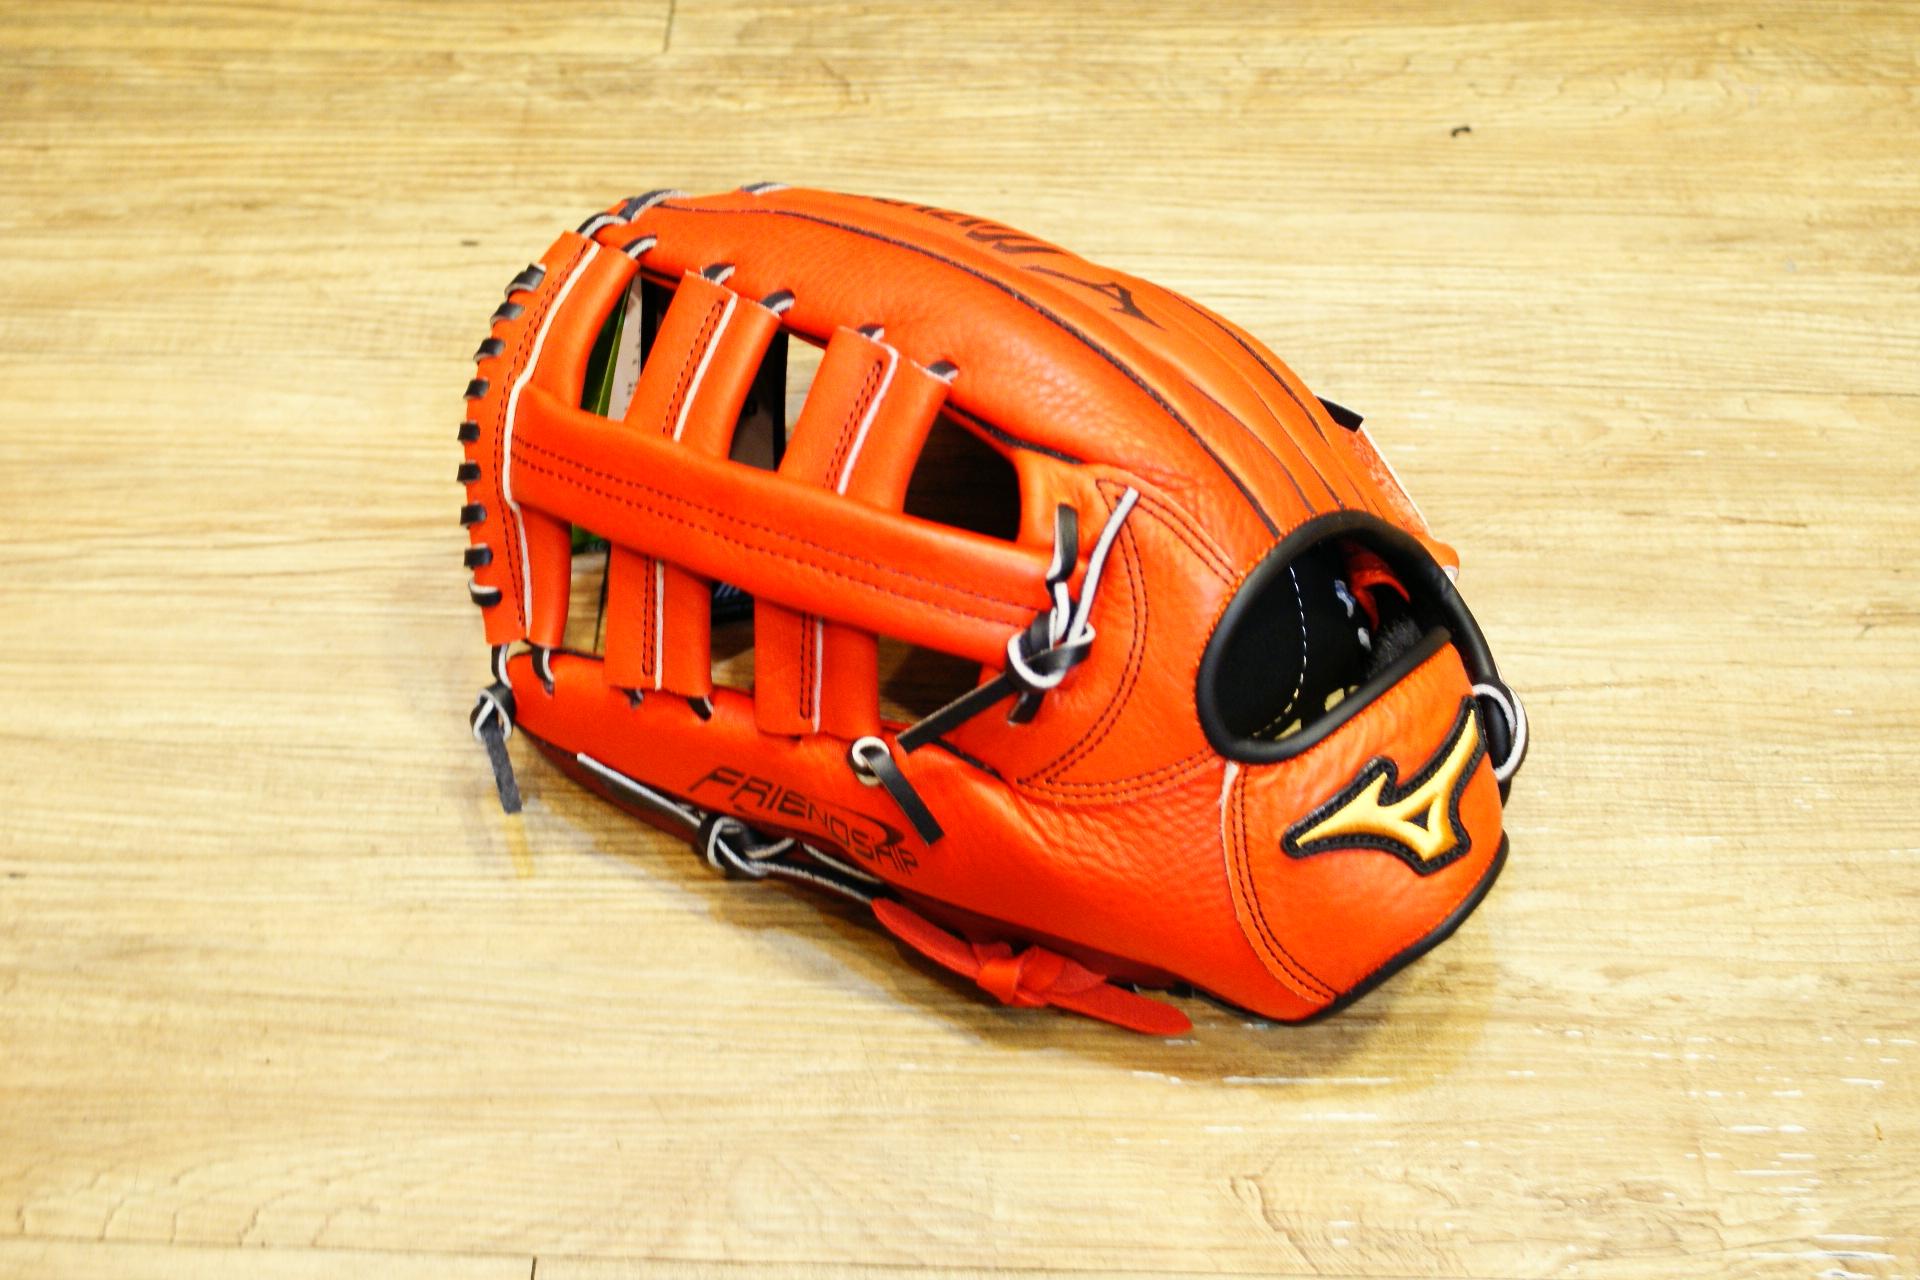 棒球世界 Mizuno美津濃 FRIEND SHIP 壘球手套 1ATGS50830 特價 外野雙十字 反手橘色